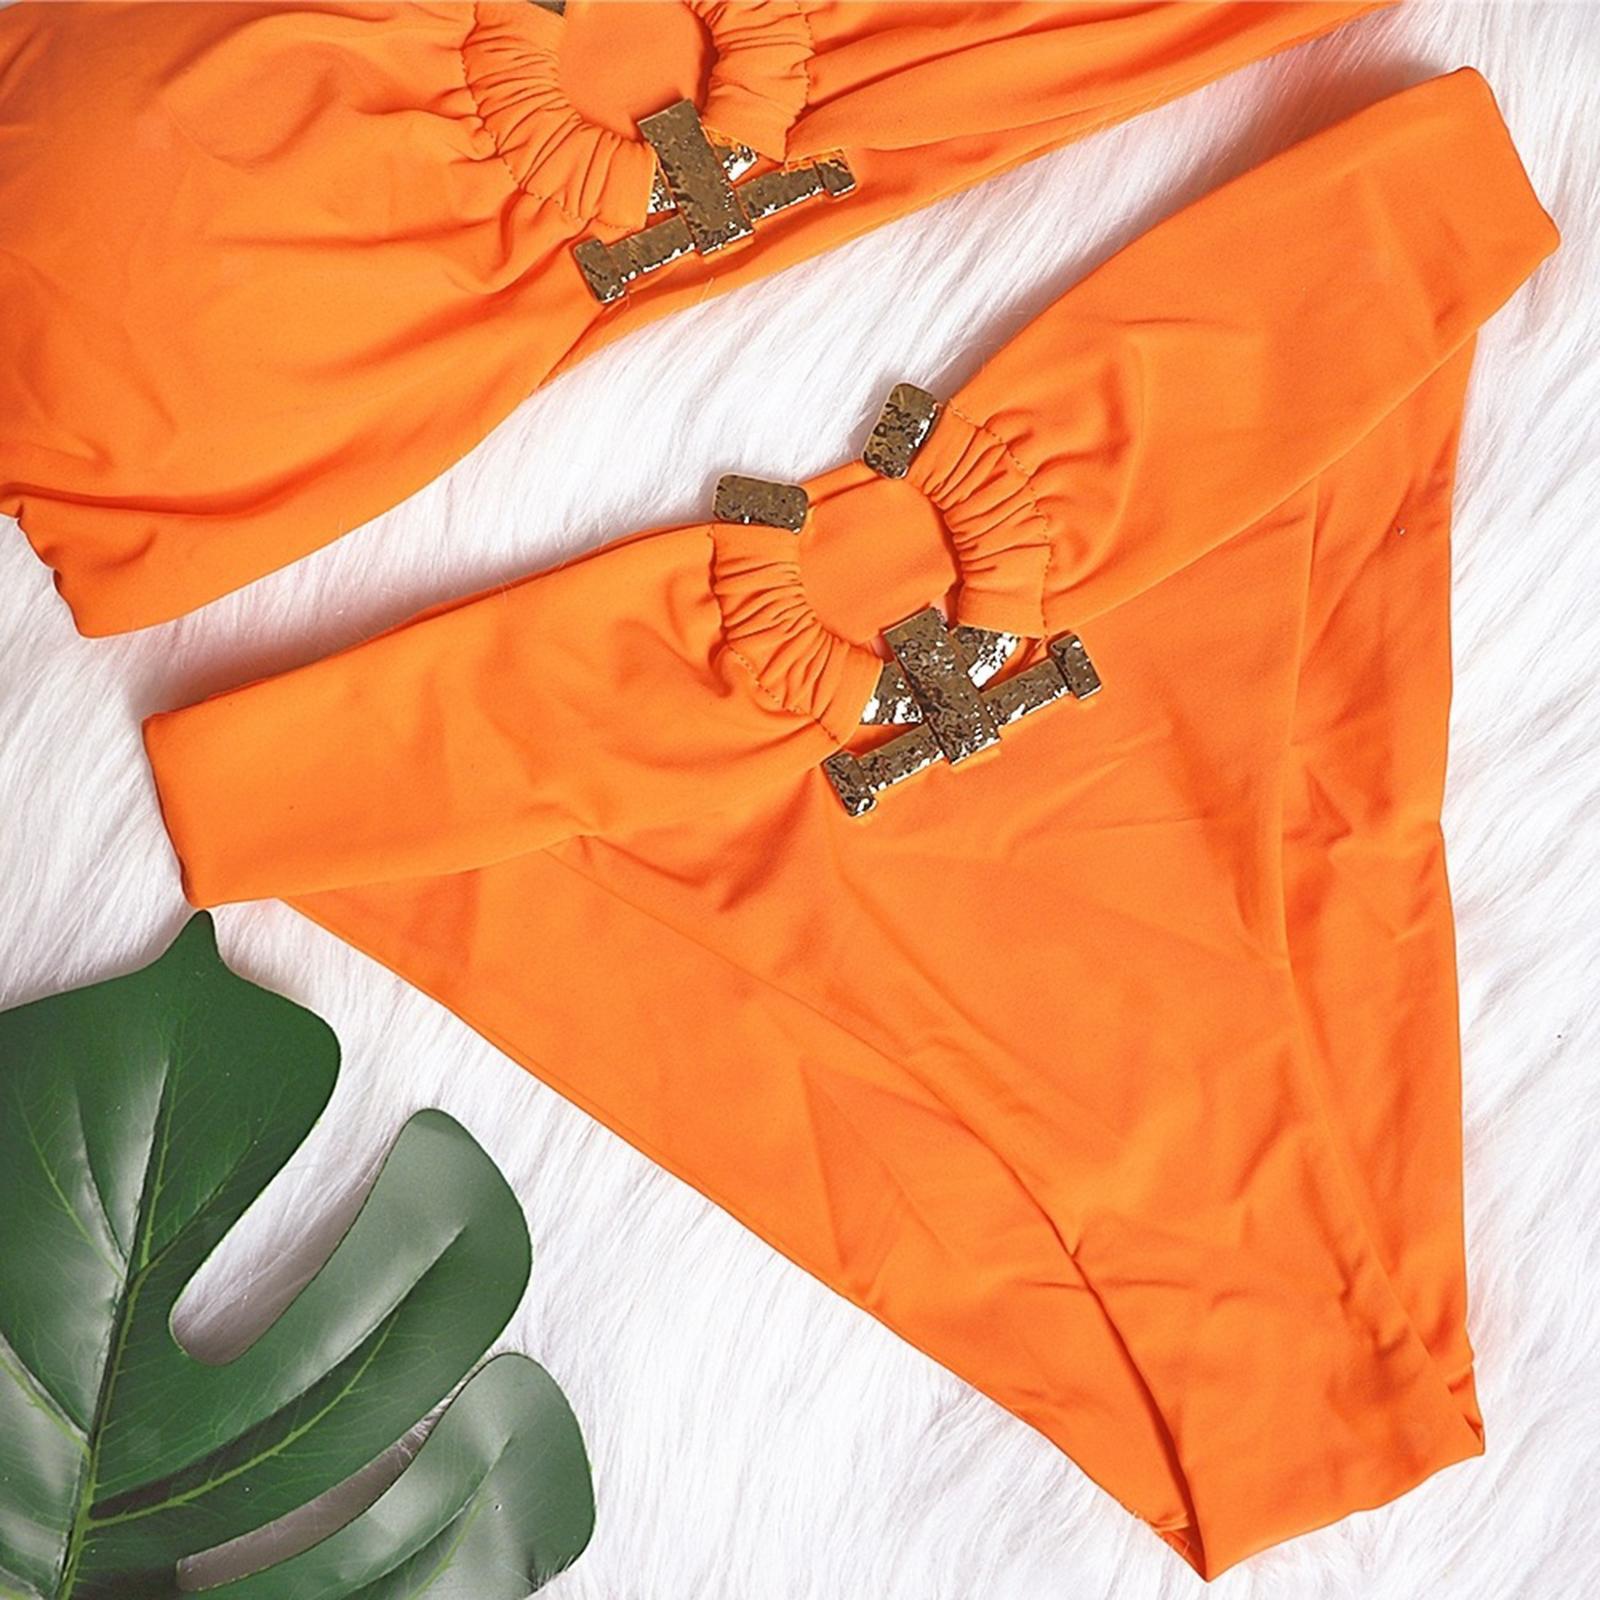 Indexbild 102 - Zwei Stücke Bikini Set Strappy Bademode Party Badeanzug Tankini Bademode